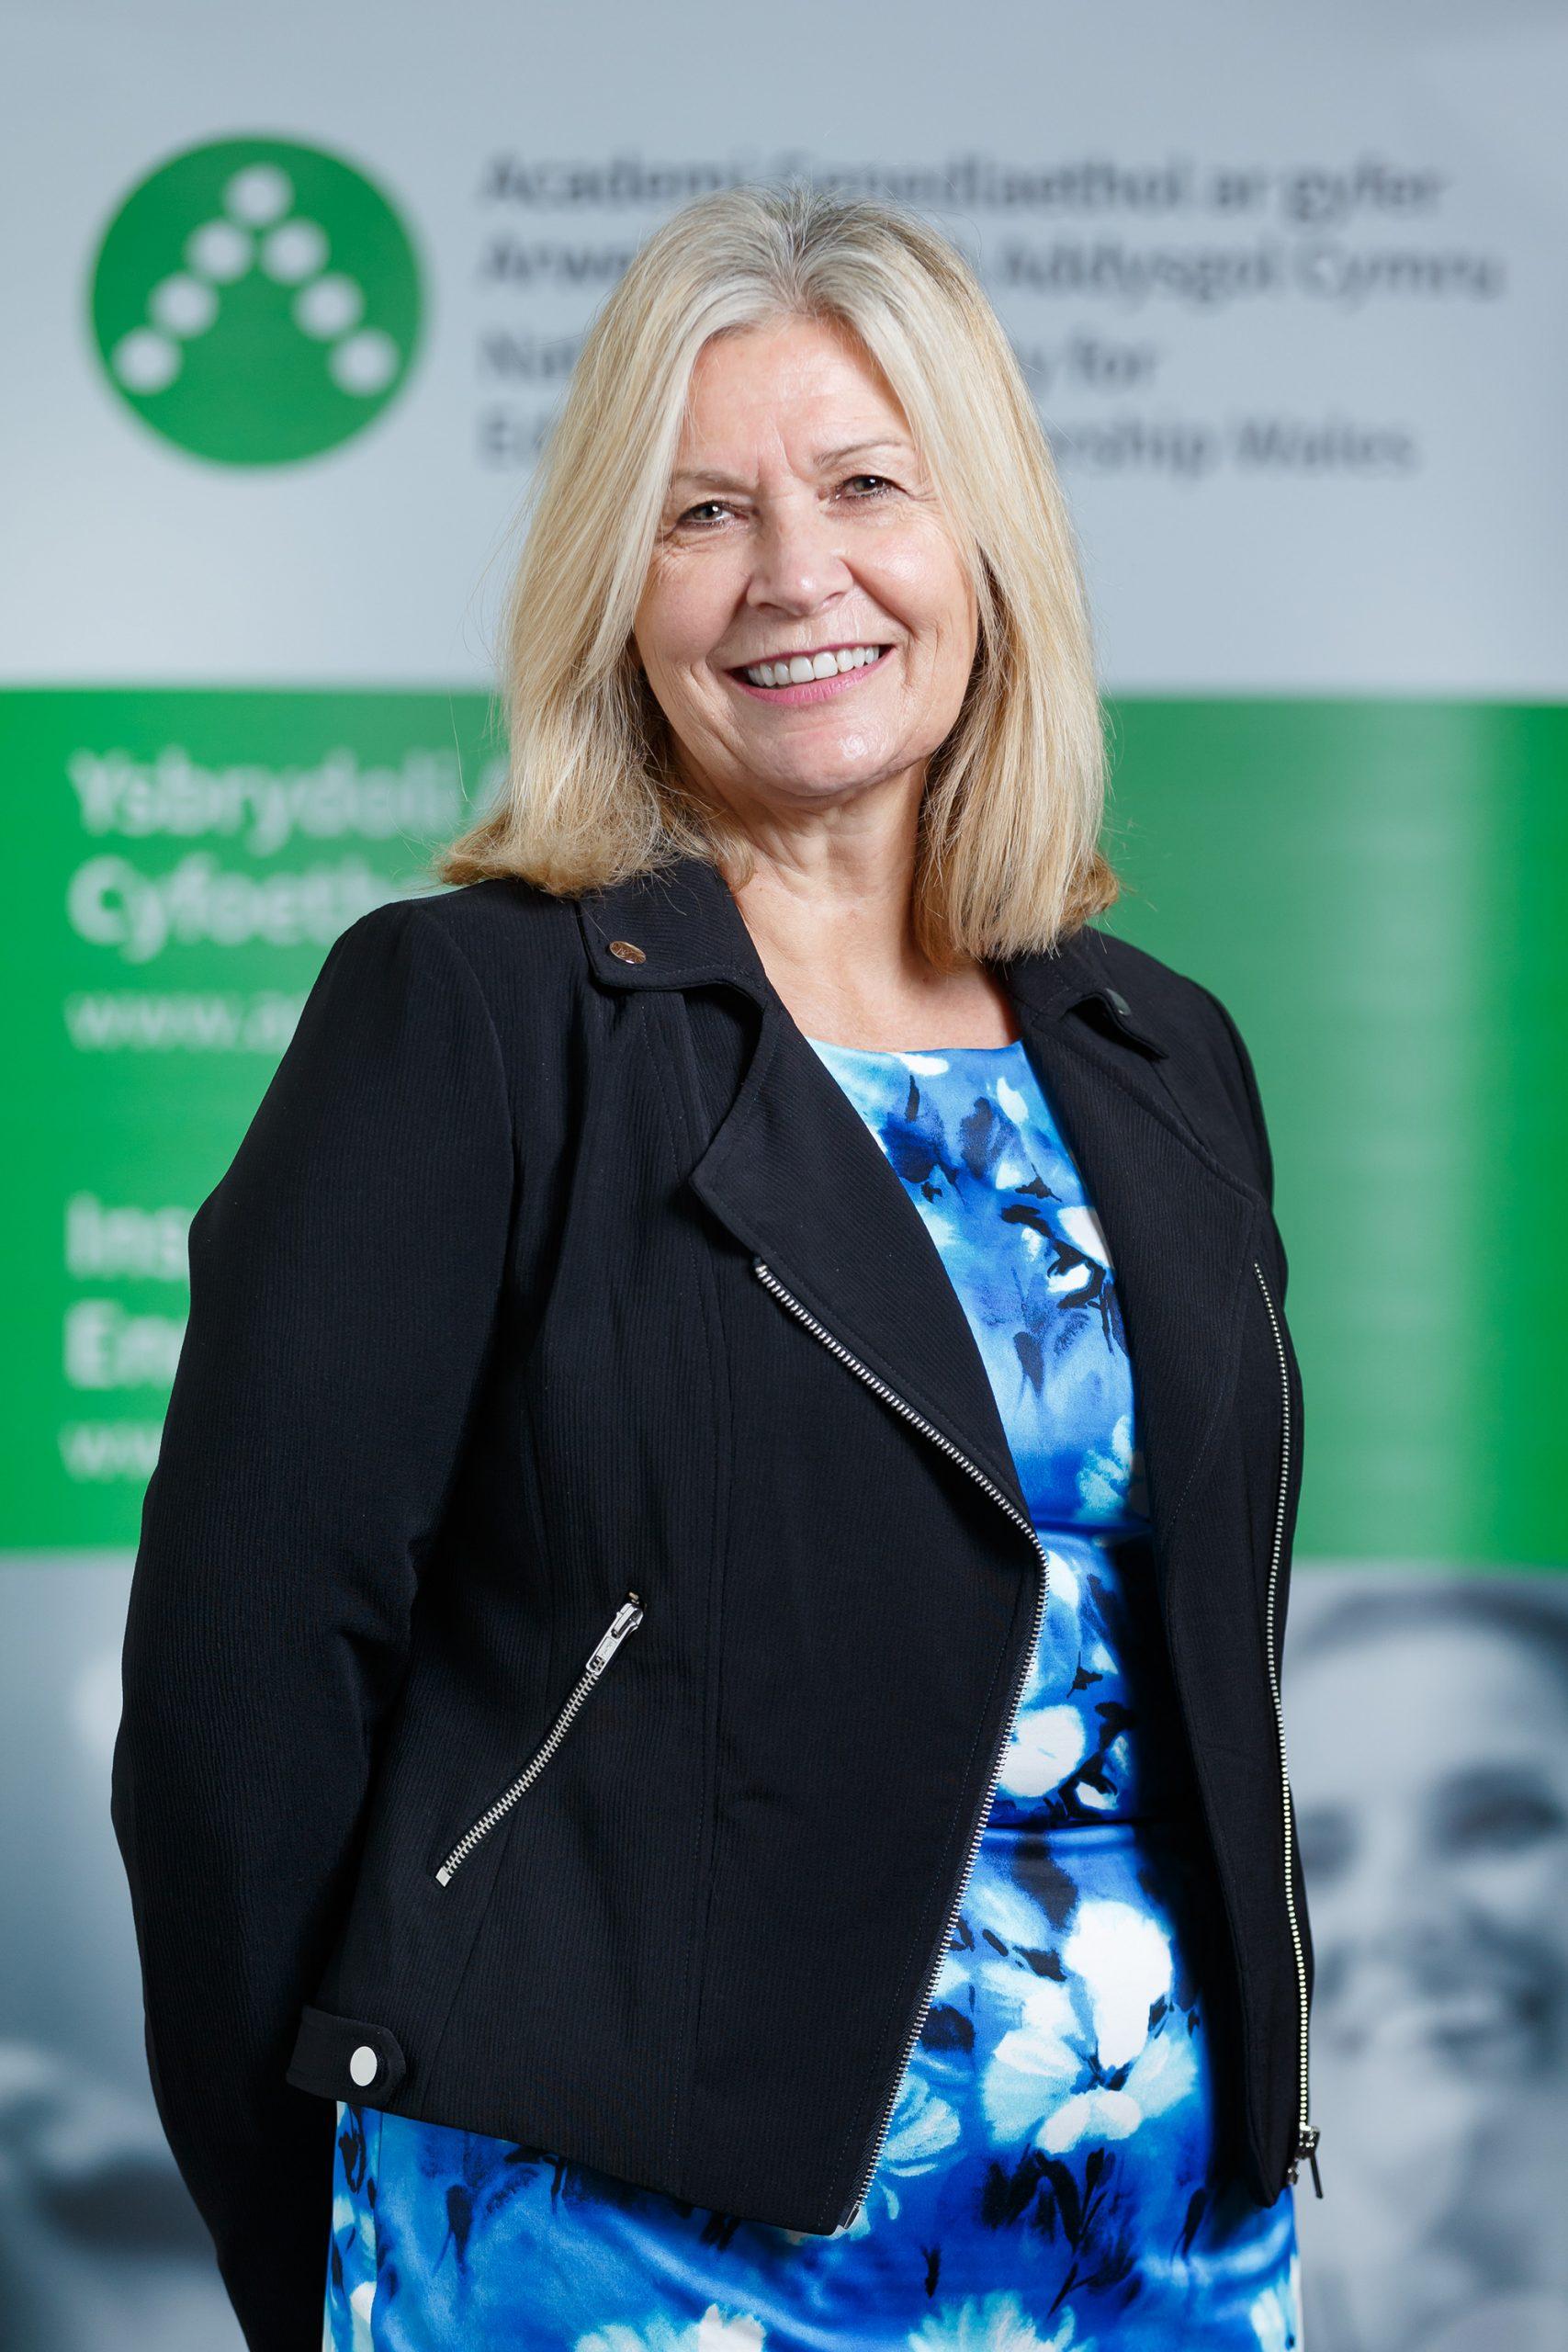 Christine Jackson